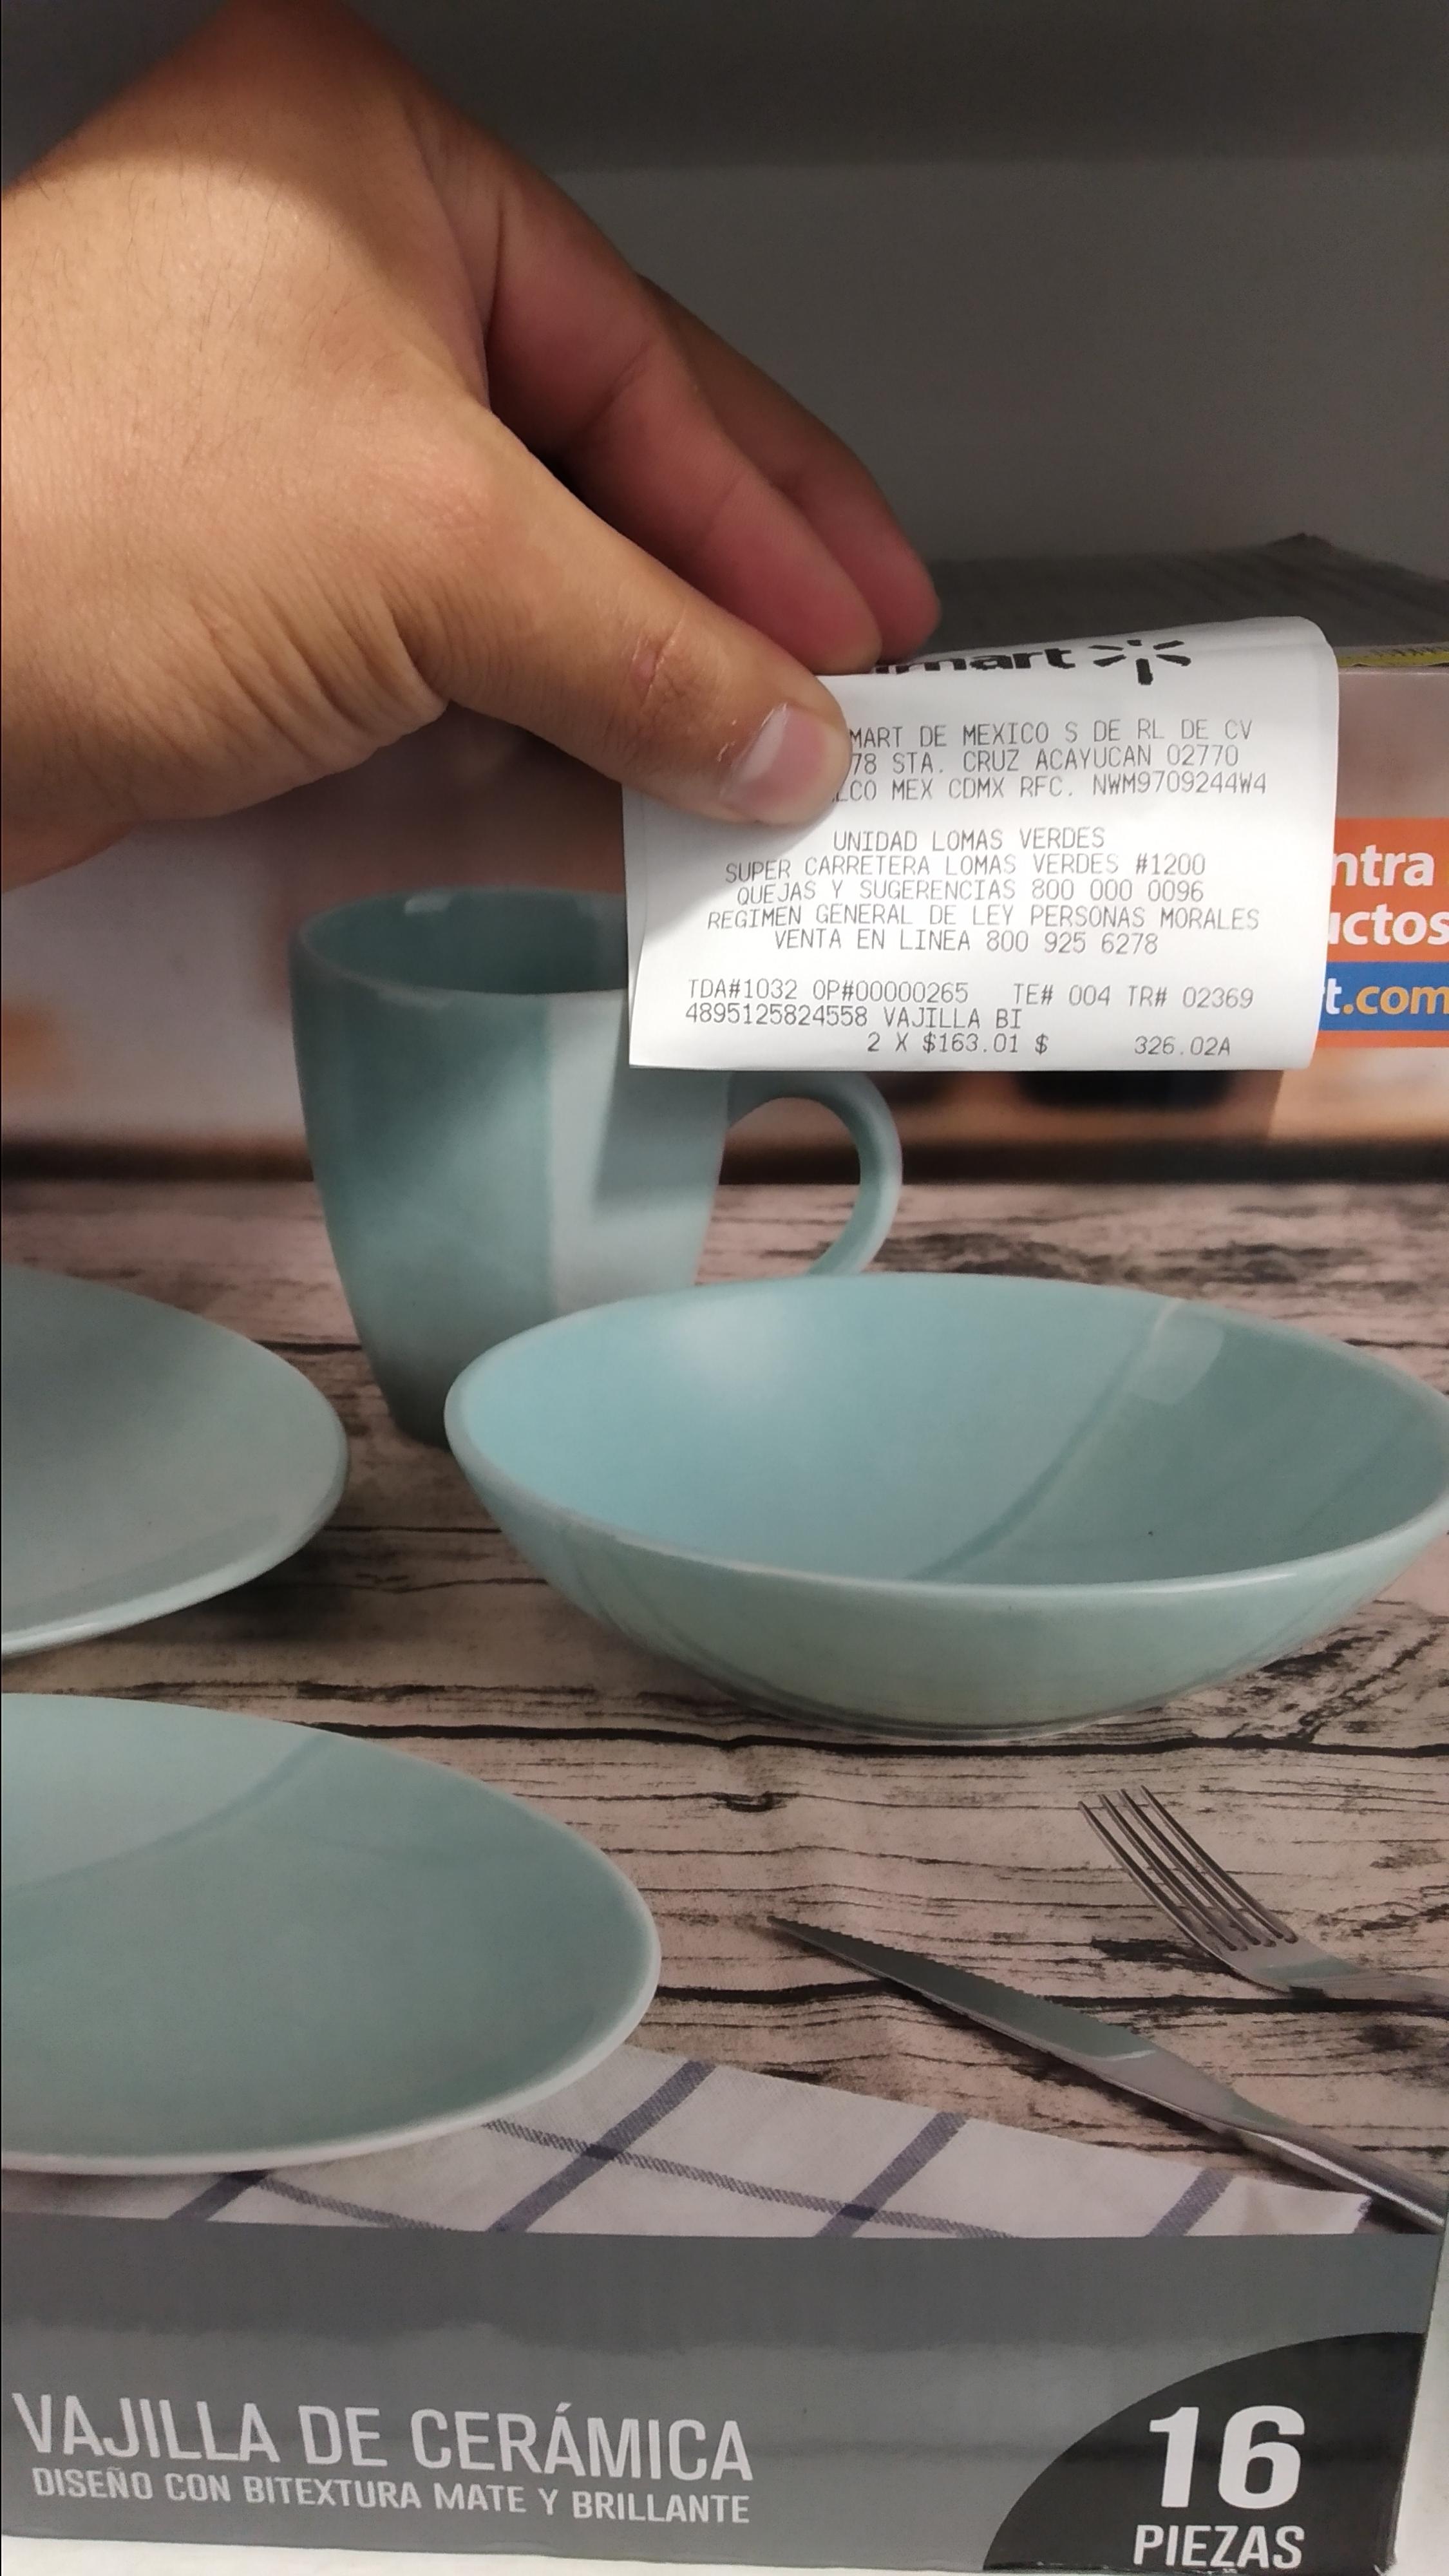 Walmart: Vajilla de ceramica 16pz